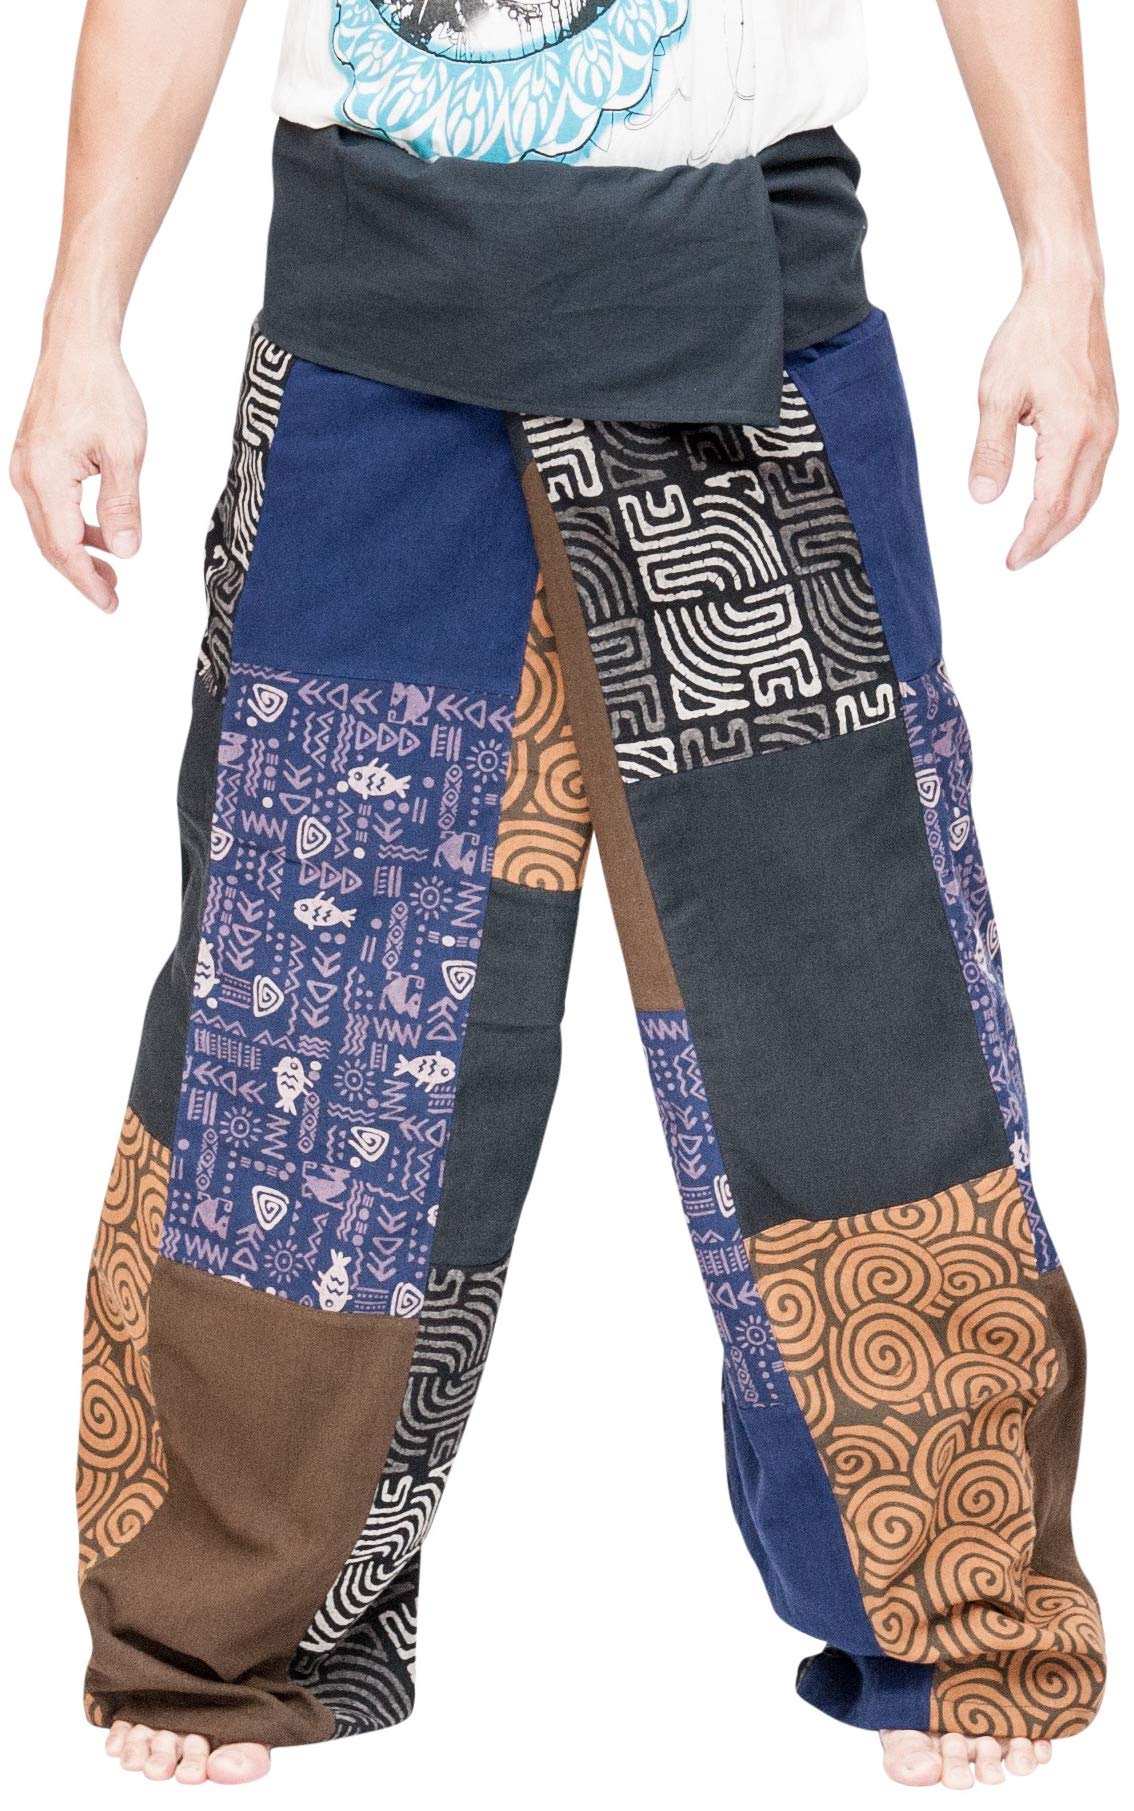 BohoHill Extra Long Unique Patchwork Thai Fisherman Pants Multicolor